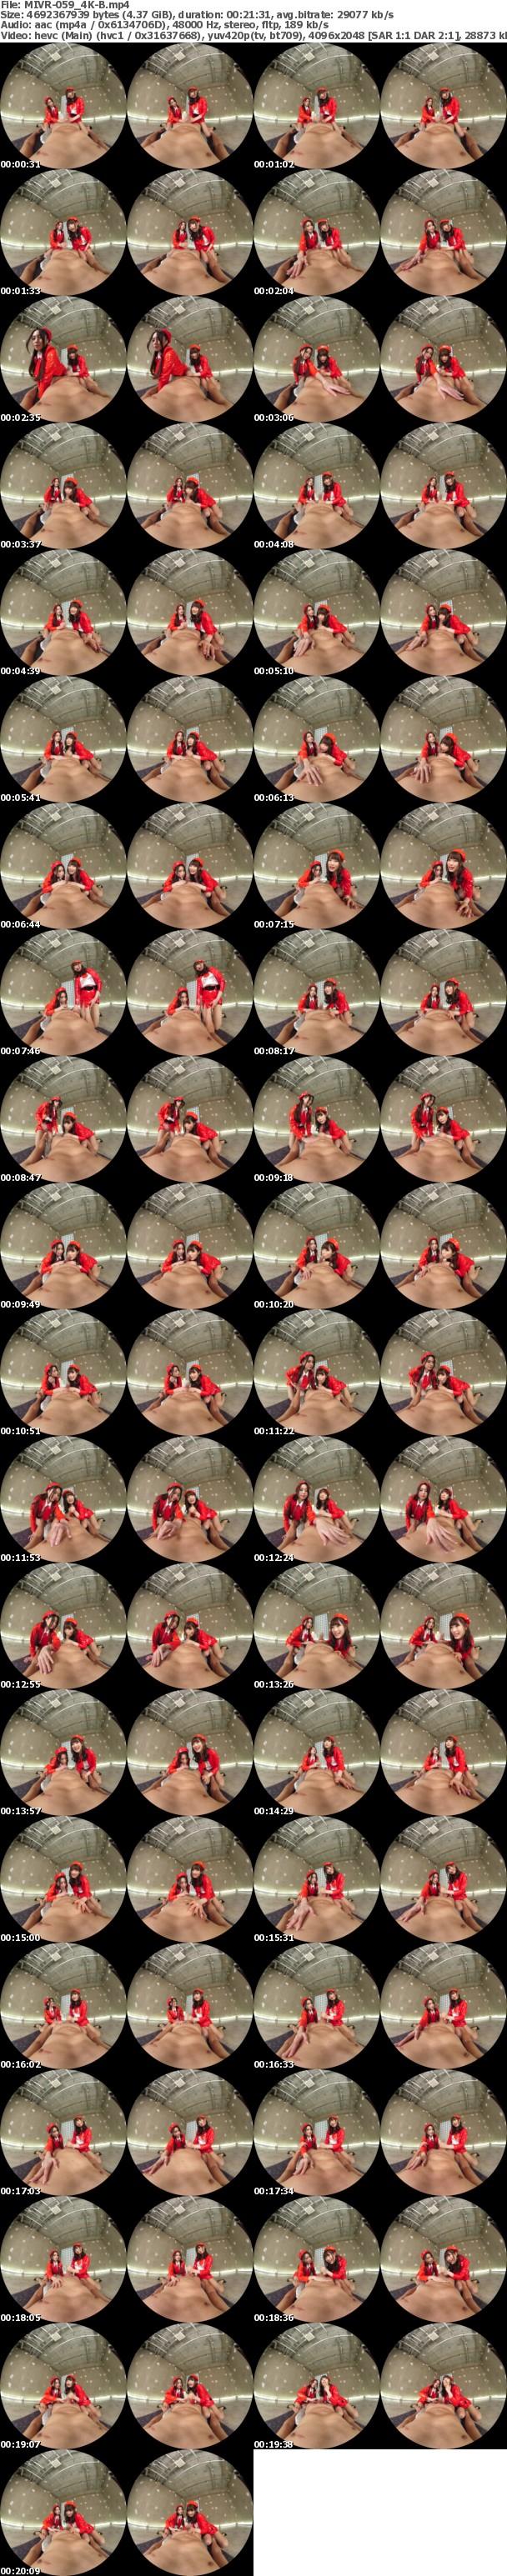 MIVR-059_4K-B-screenshot